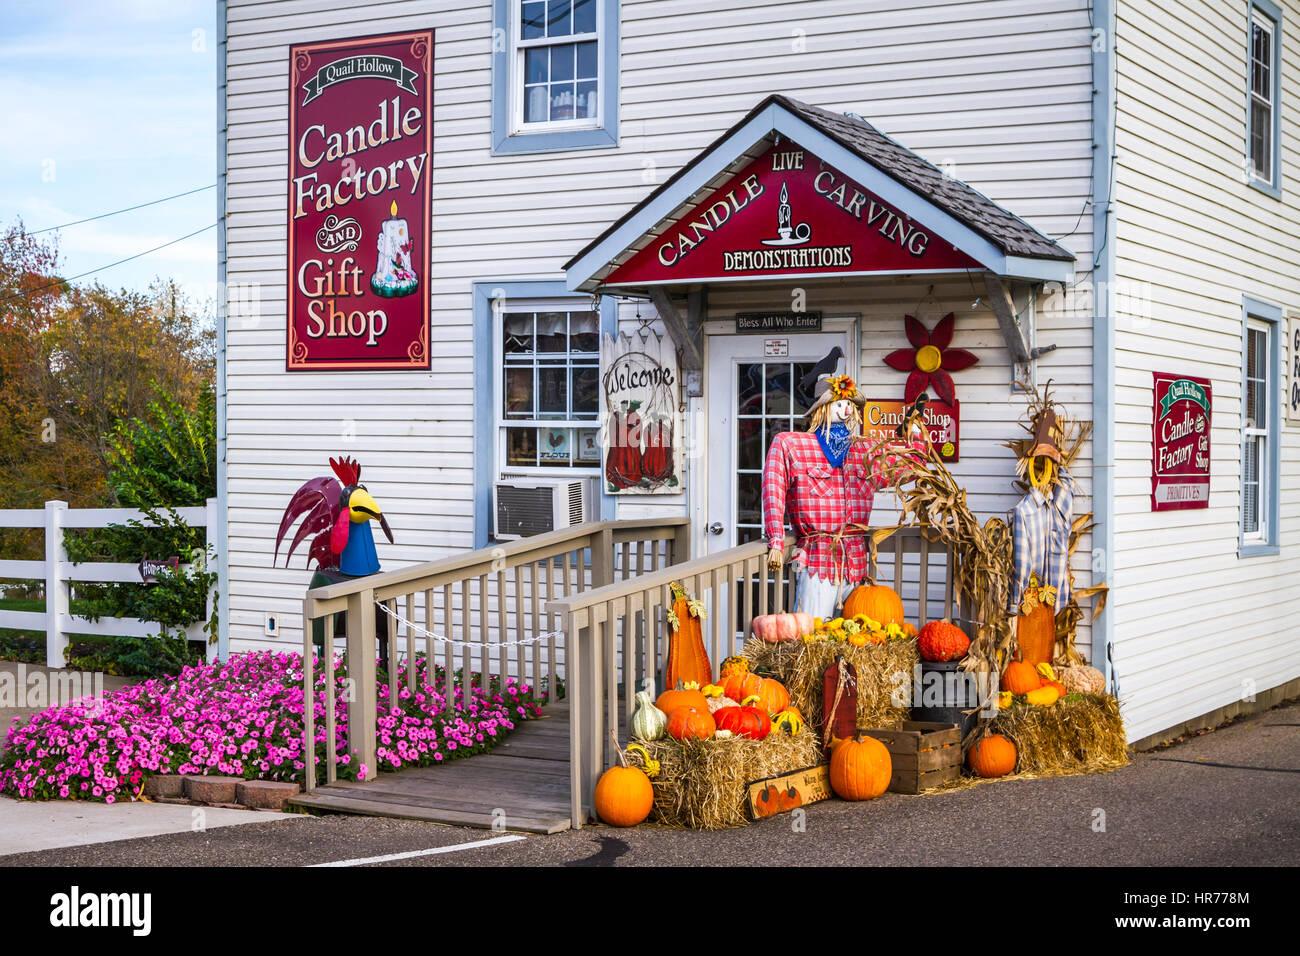 Ein Kerzenladen mit einer Herbst-Anordnung der Kürbisse und Panikmache Krähen in Walnut Creek, Ohio, USA. Stockbild